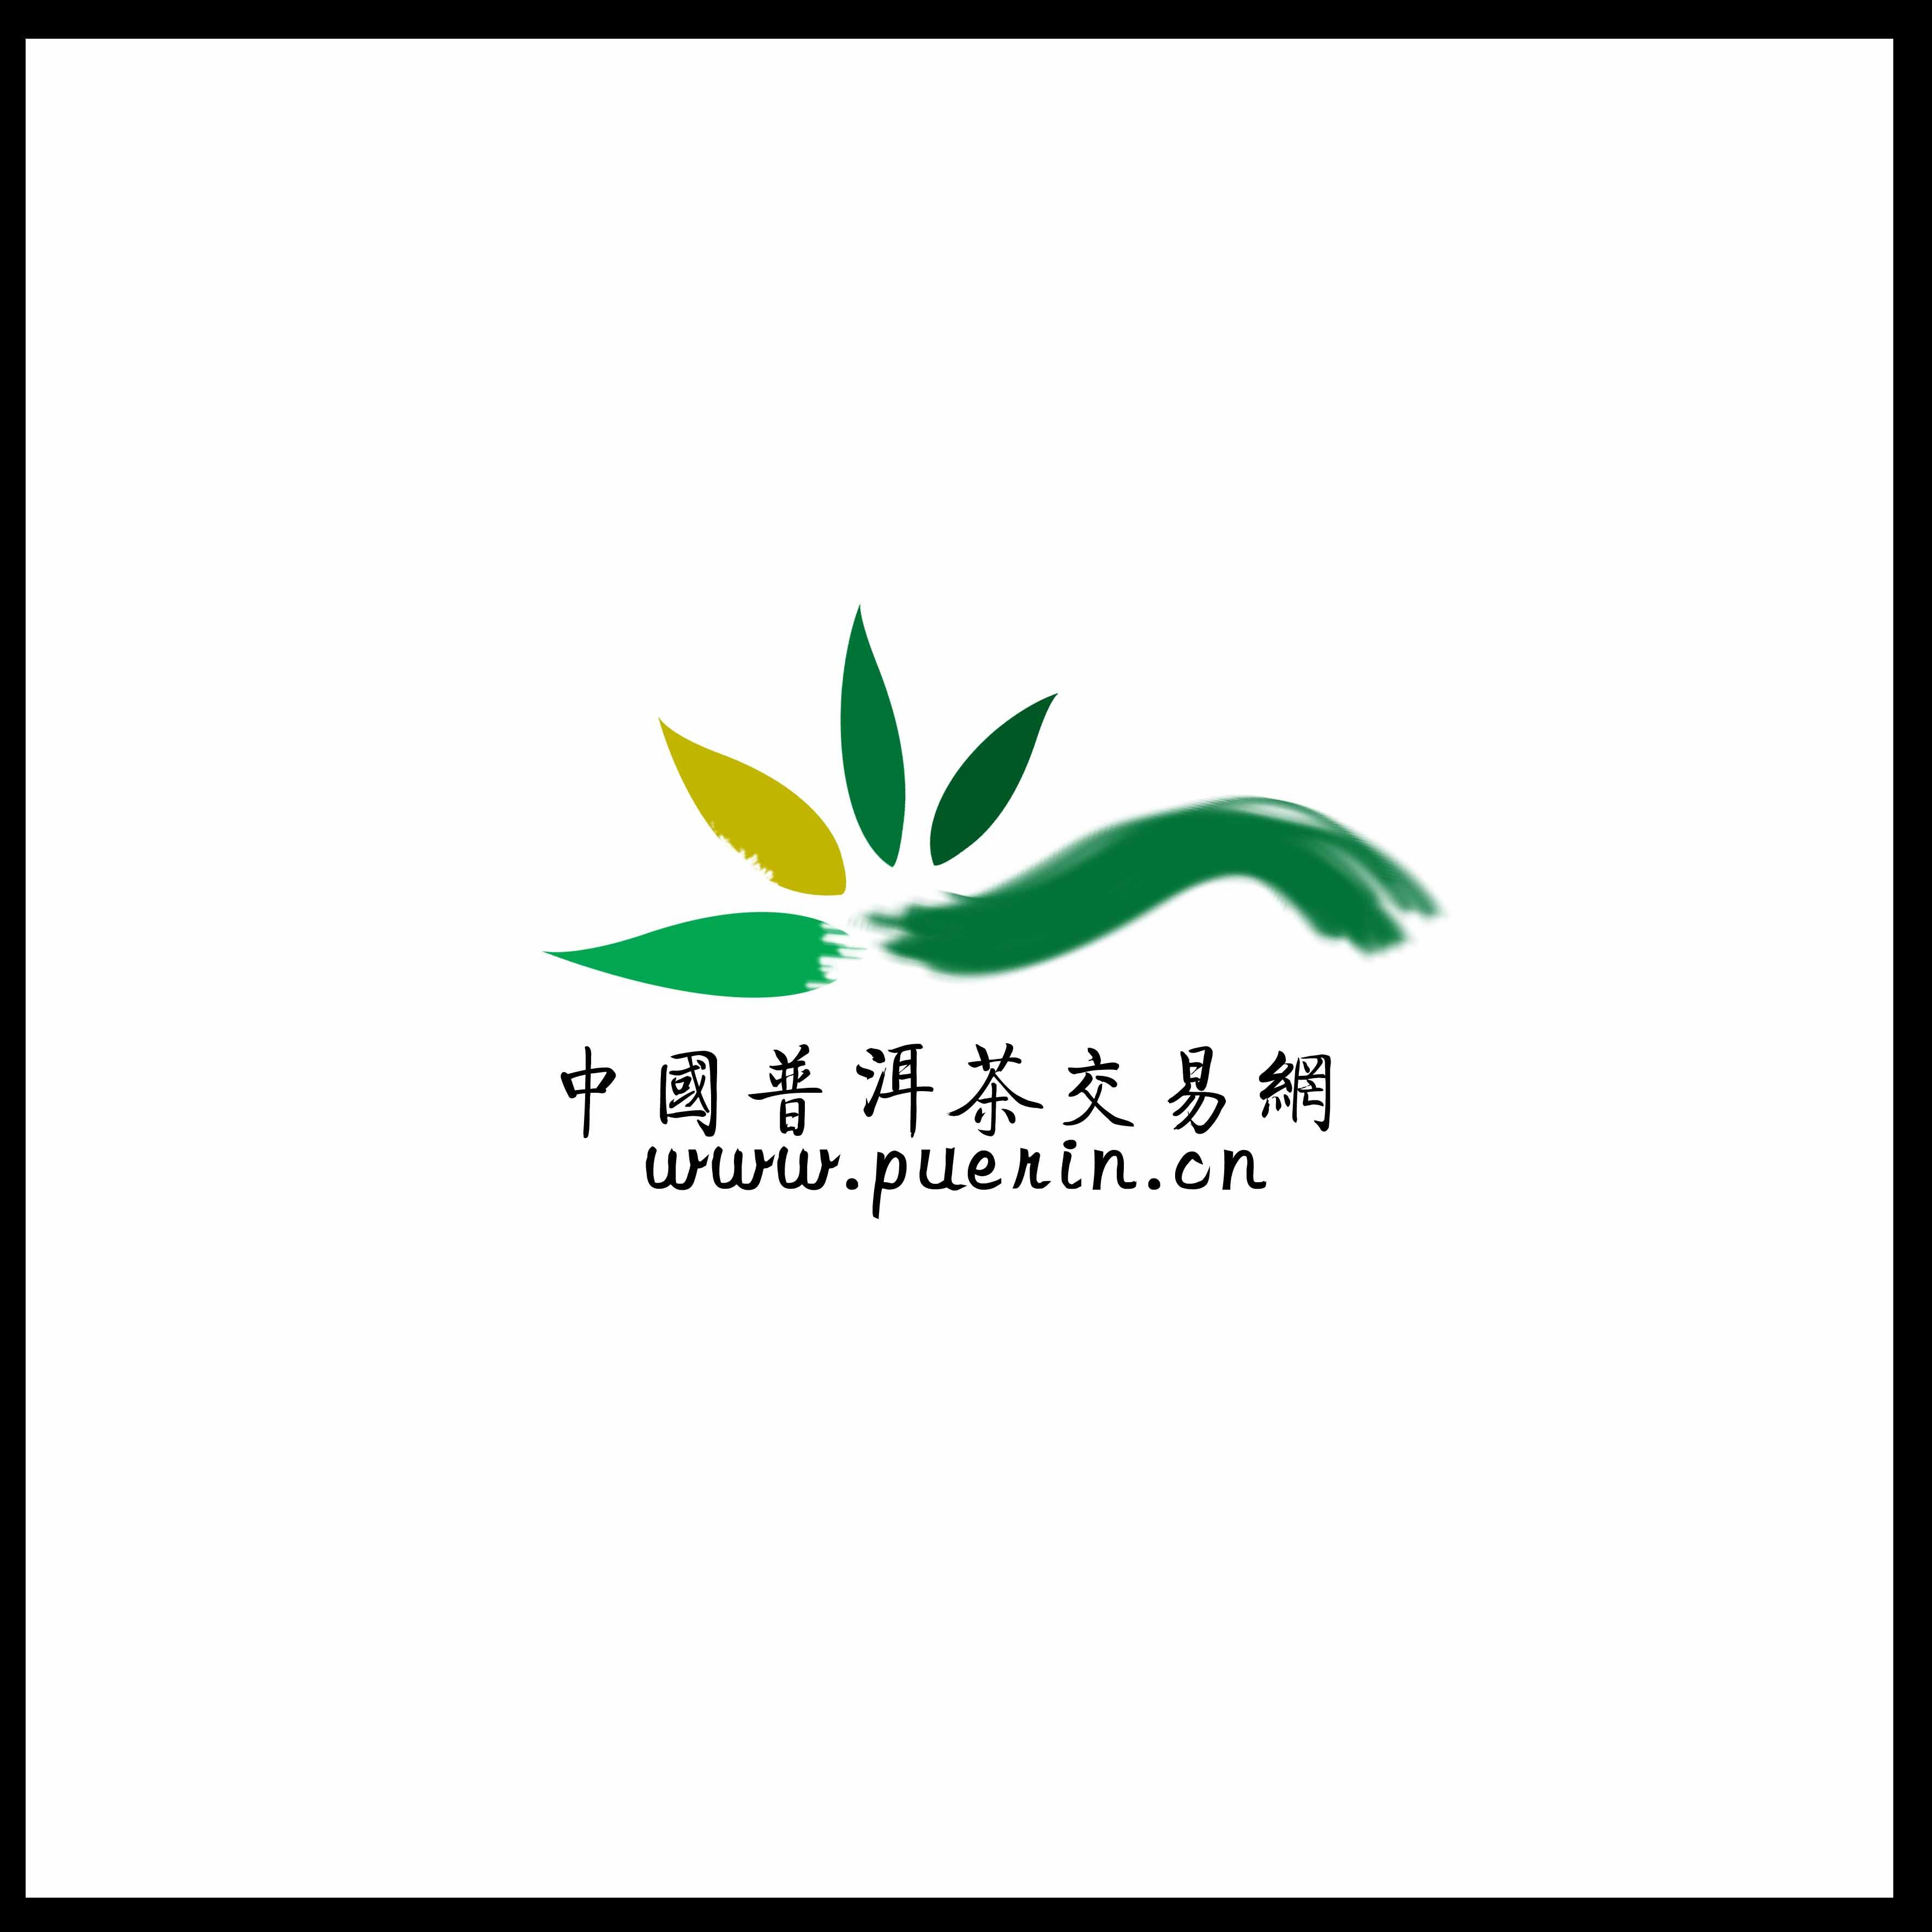 中国普洱茶交易网站logo设计- 稿件[#1702402] - 作者:唯美设计室